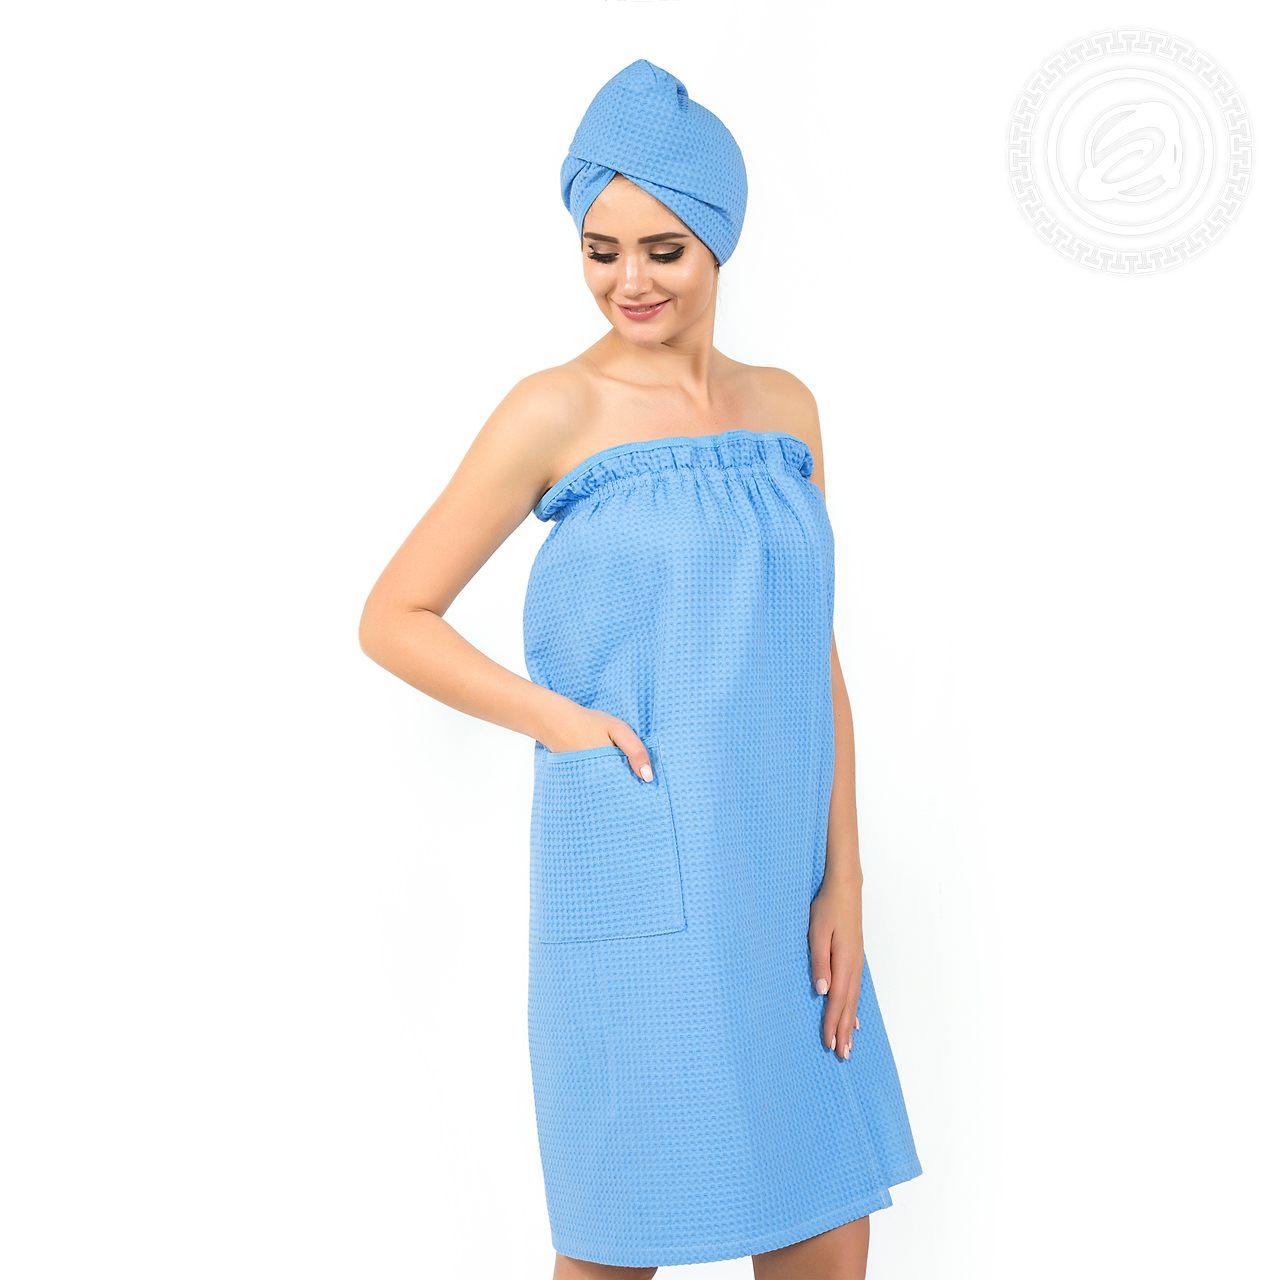 Женский вафельный набор для сауны (парео + чалма) голубой Артпостель